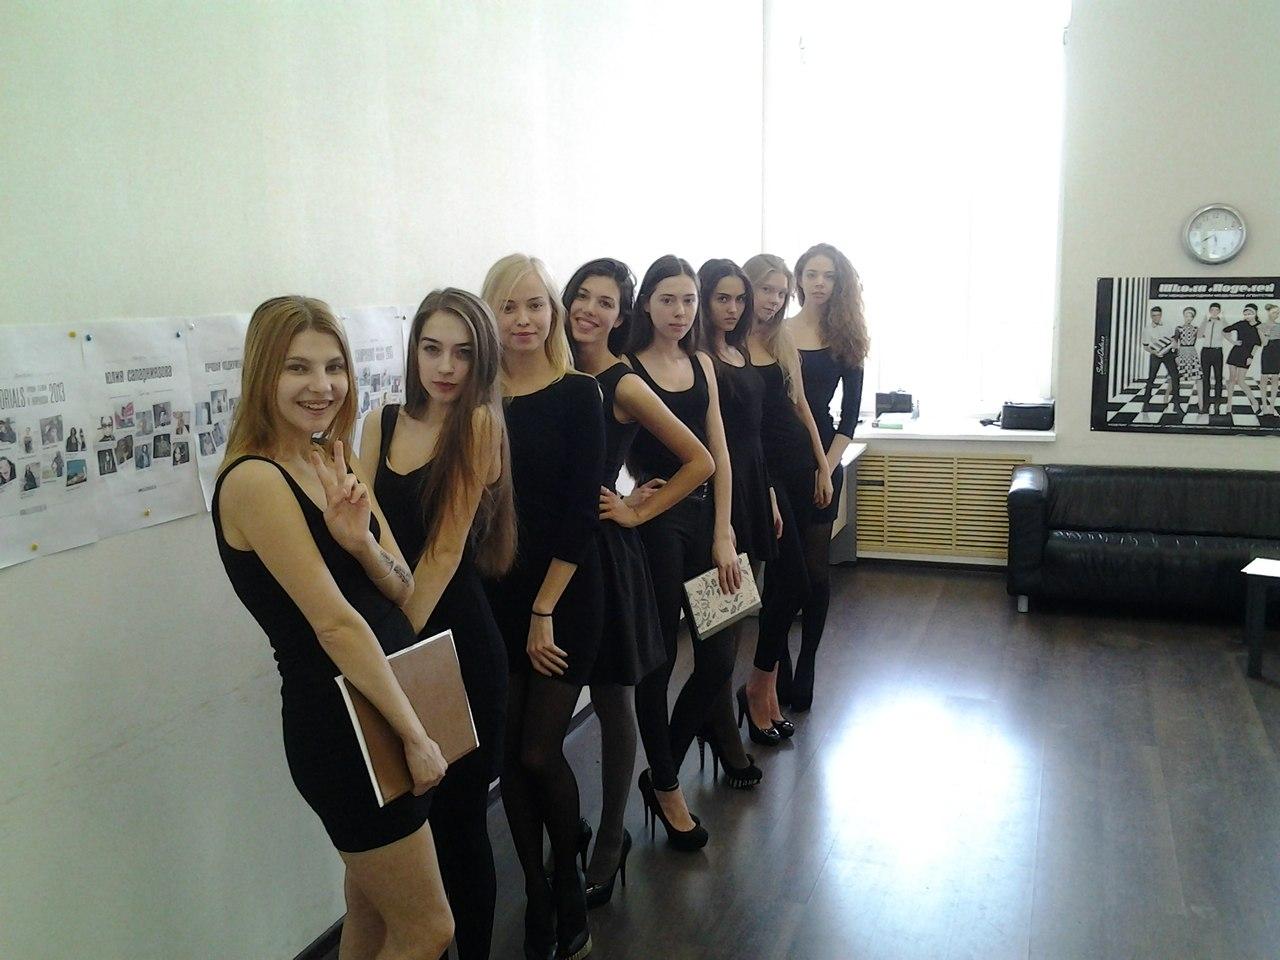 белых фотомодельное агентство в санкт петербурге того, фотошторы ярко